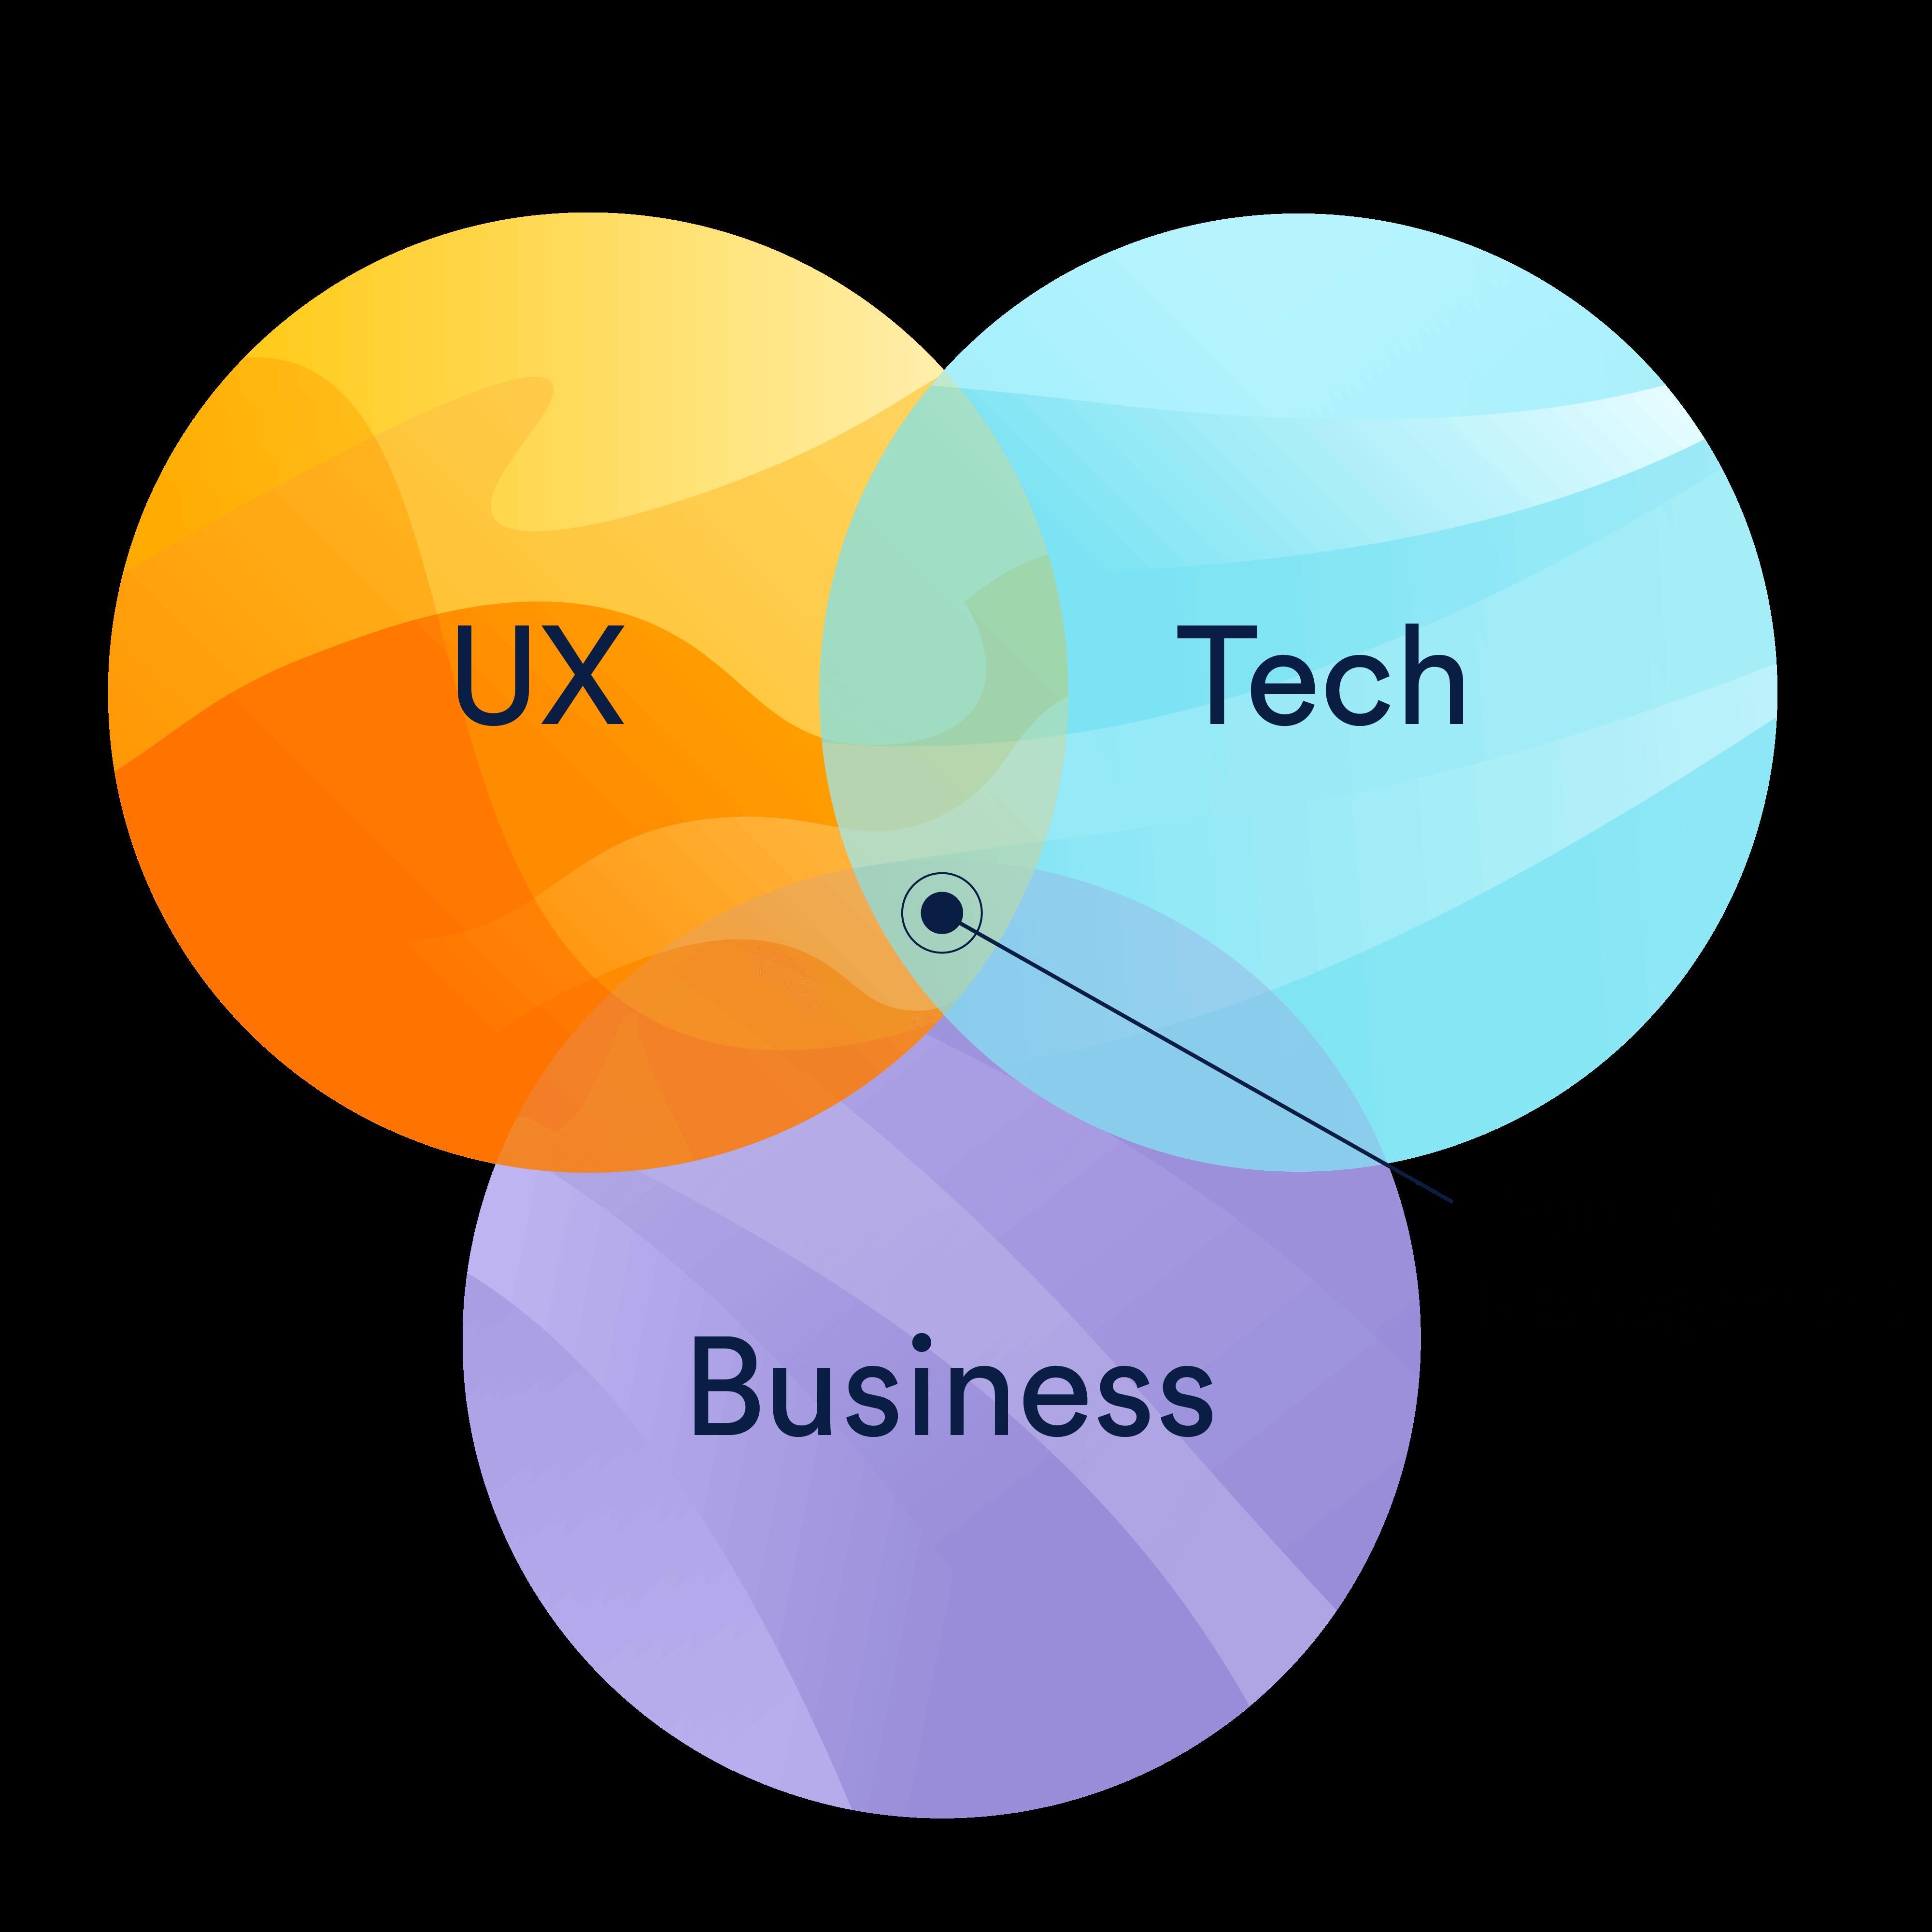 Diagramm: UX, Tech und Business